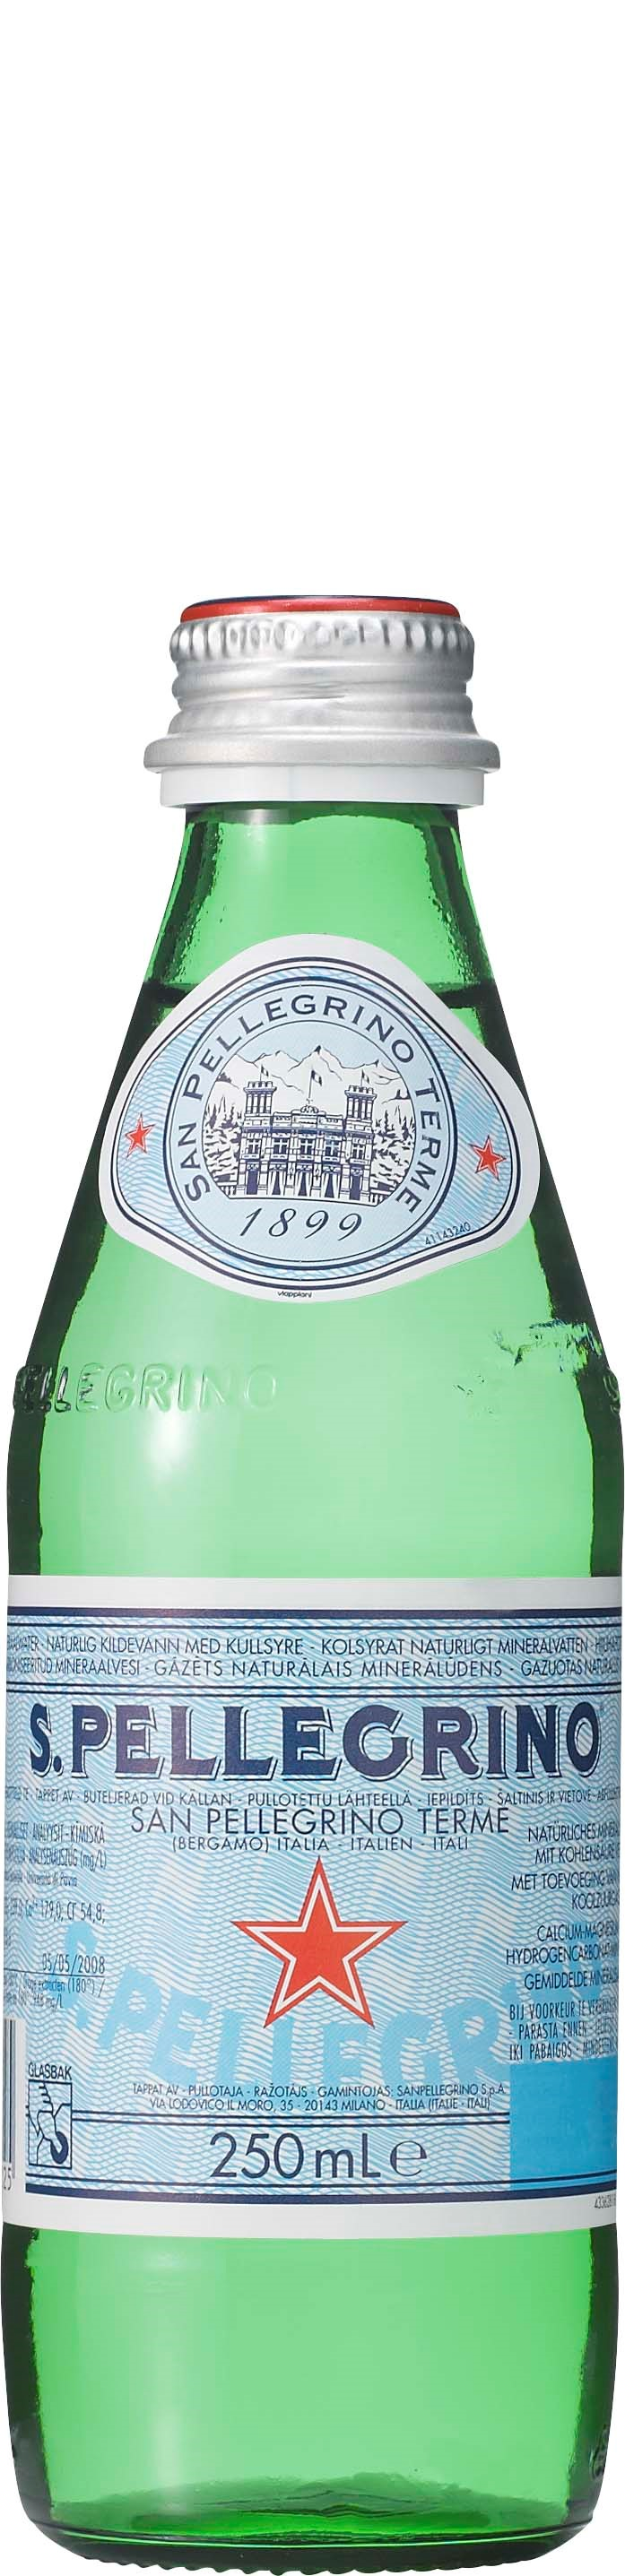 San Pellegrino kolsyrat vatten på liten glasflaska